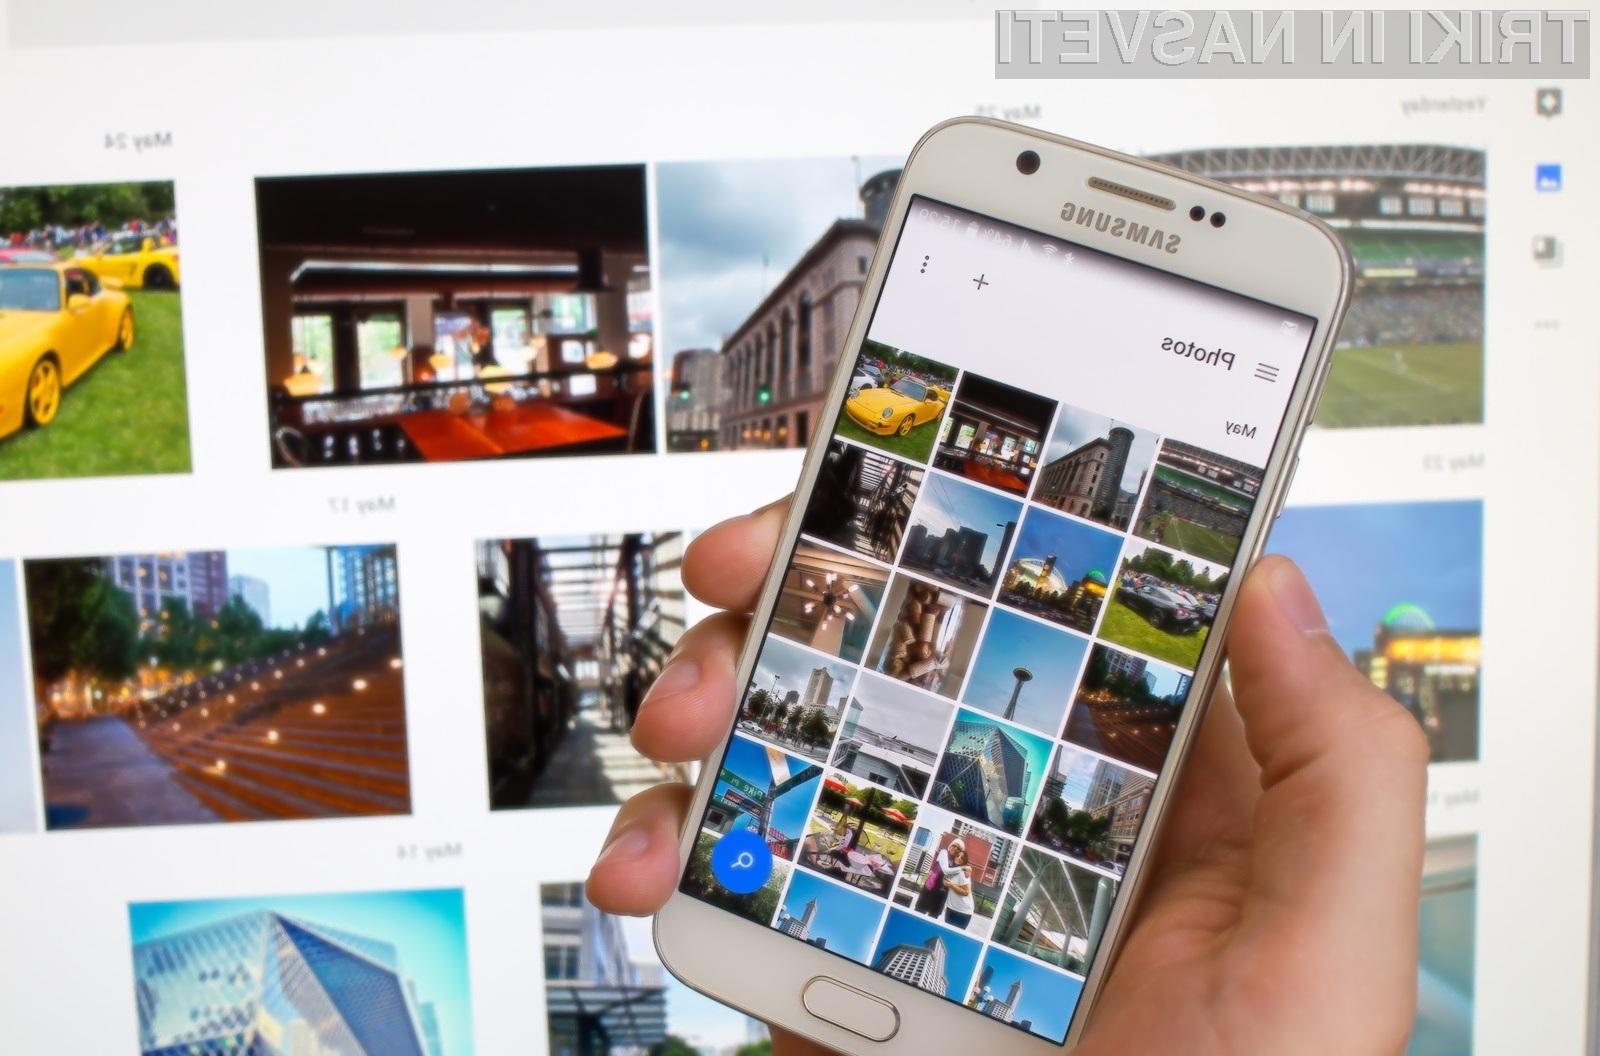 Za oblačno shranjevanje podatkov imajo uporabniki mobilnih naprav Android na voljo številne ponudnike!